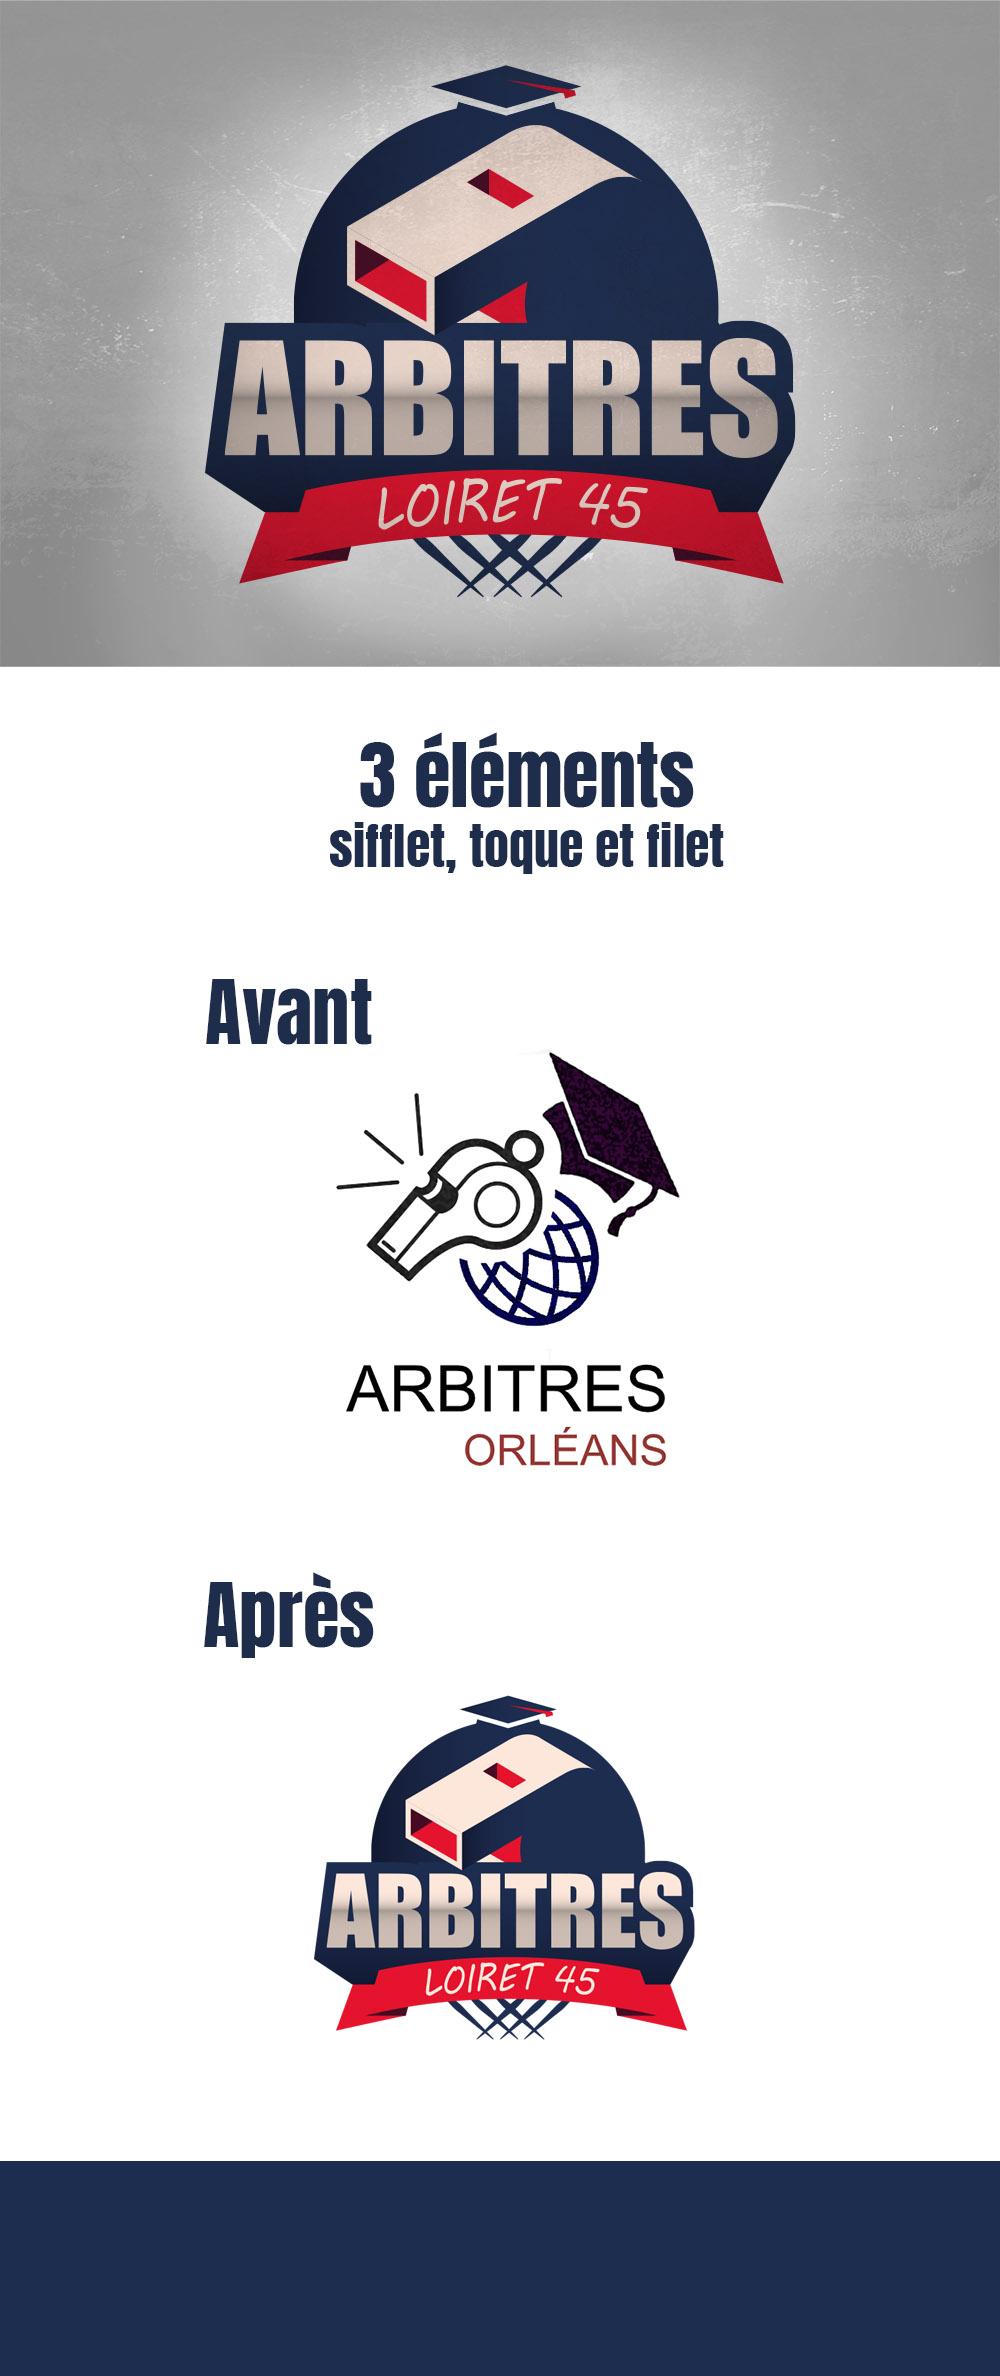 visuel Section sportive arbitres Loiret 45